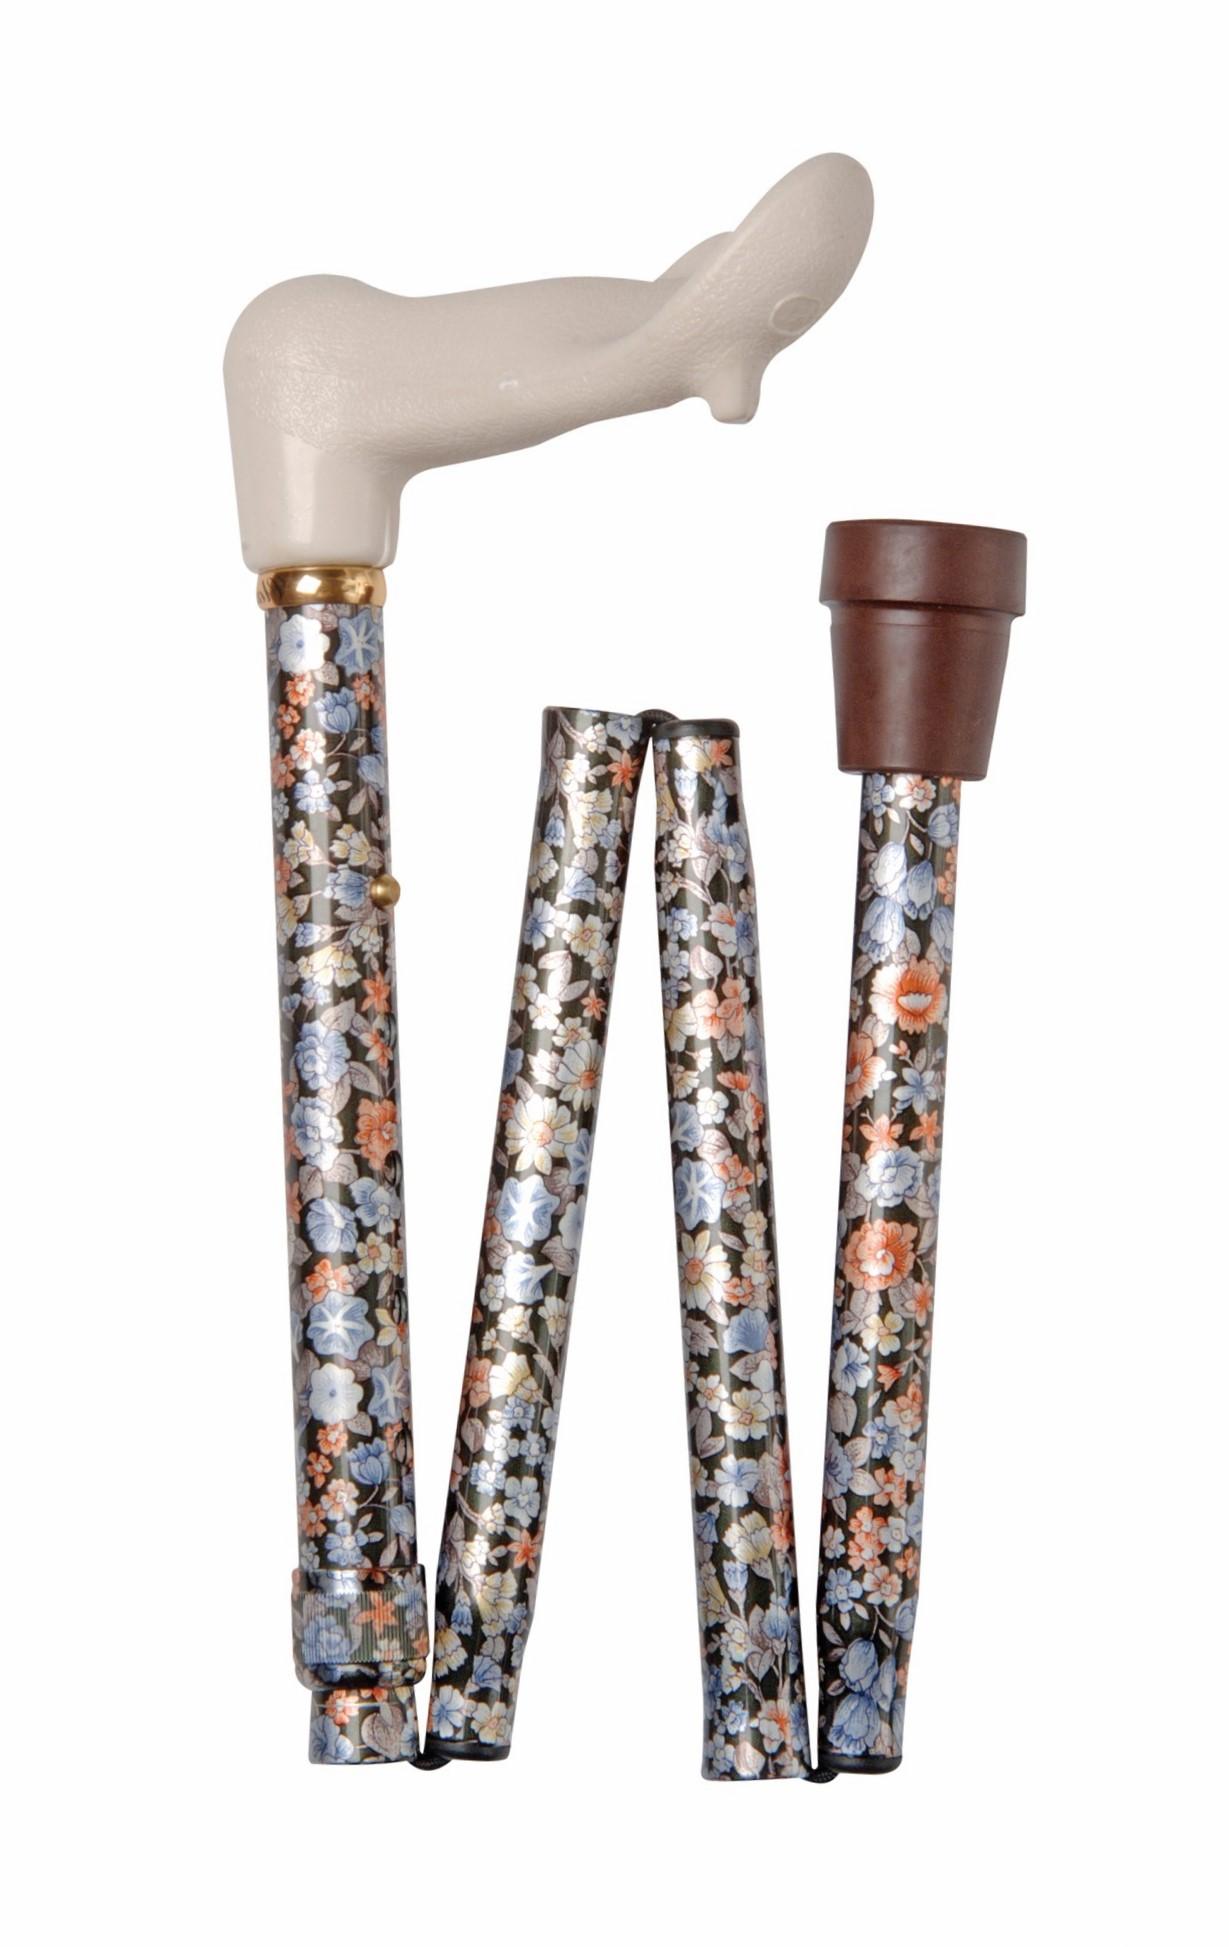 Foldbar stok med anatomisk greb, højdejusterbar, med mønster – pris 275.00